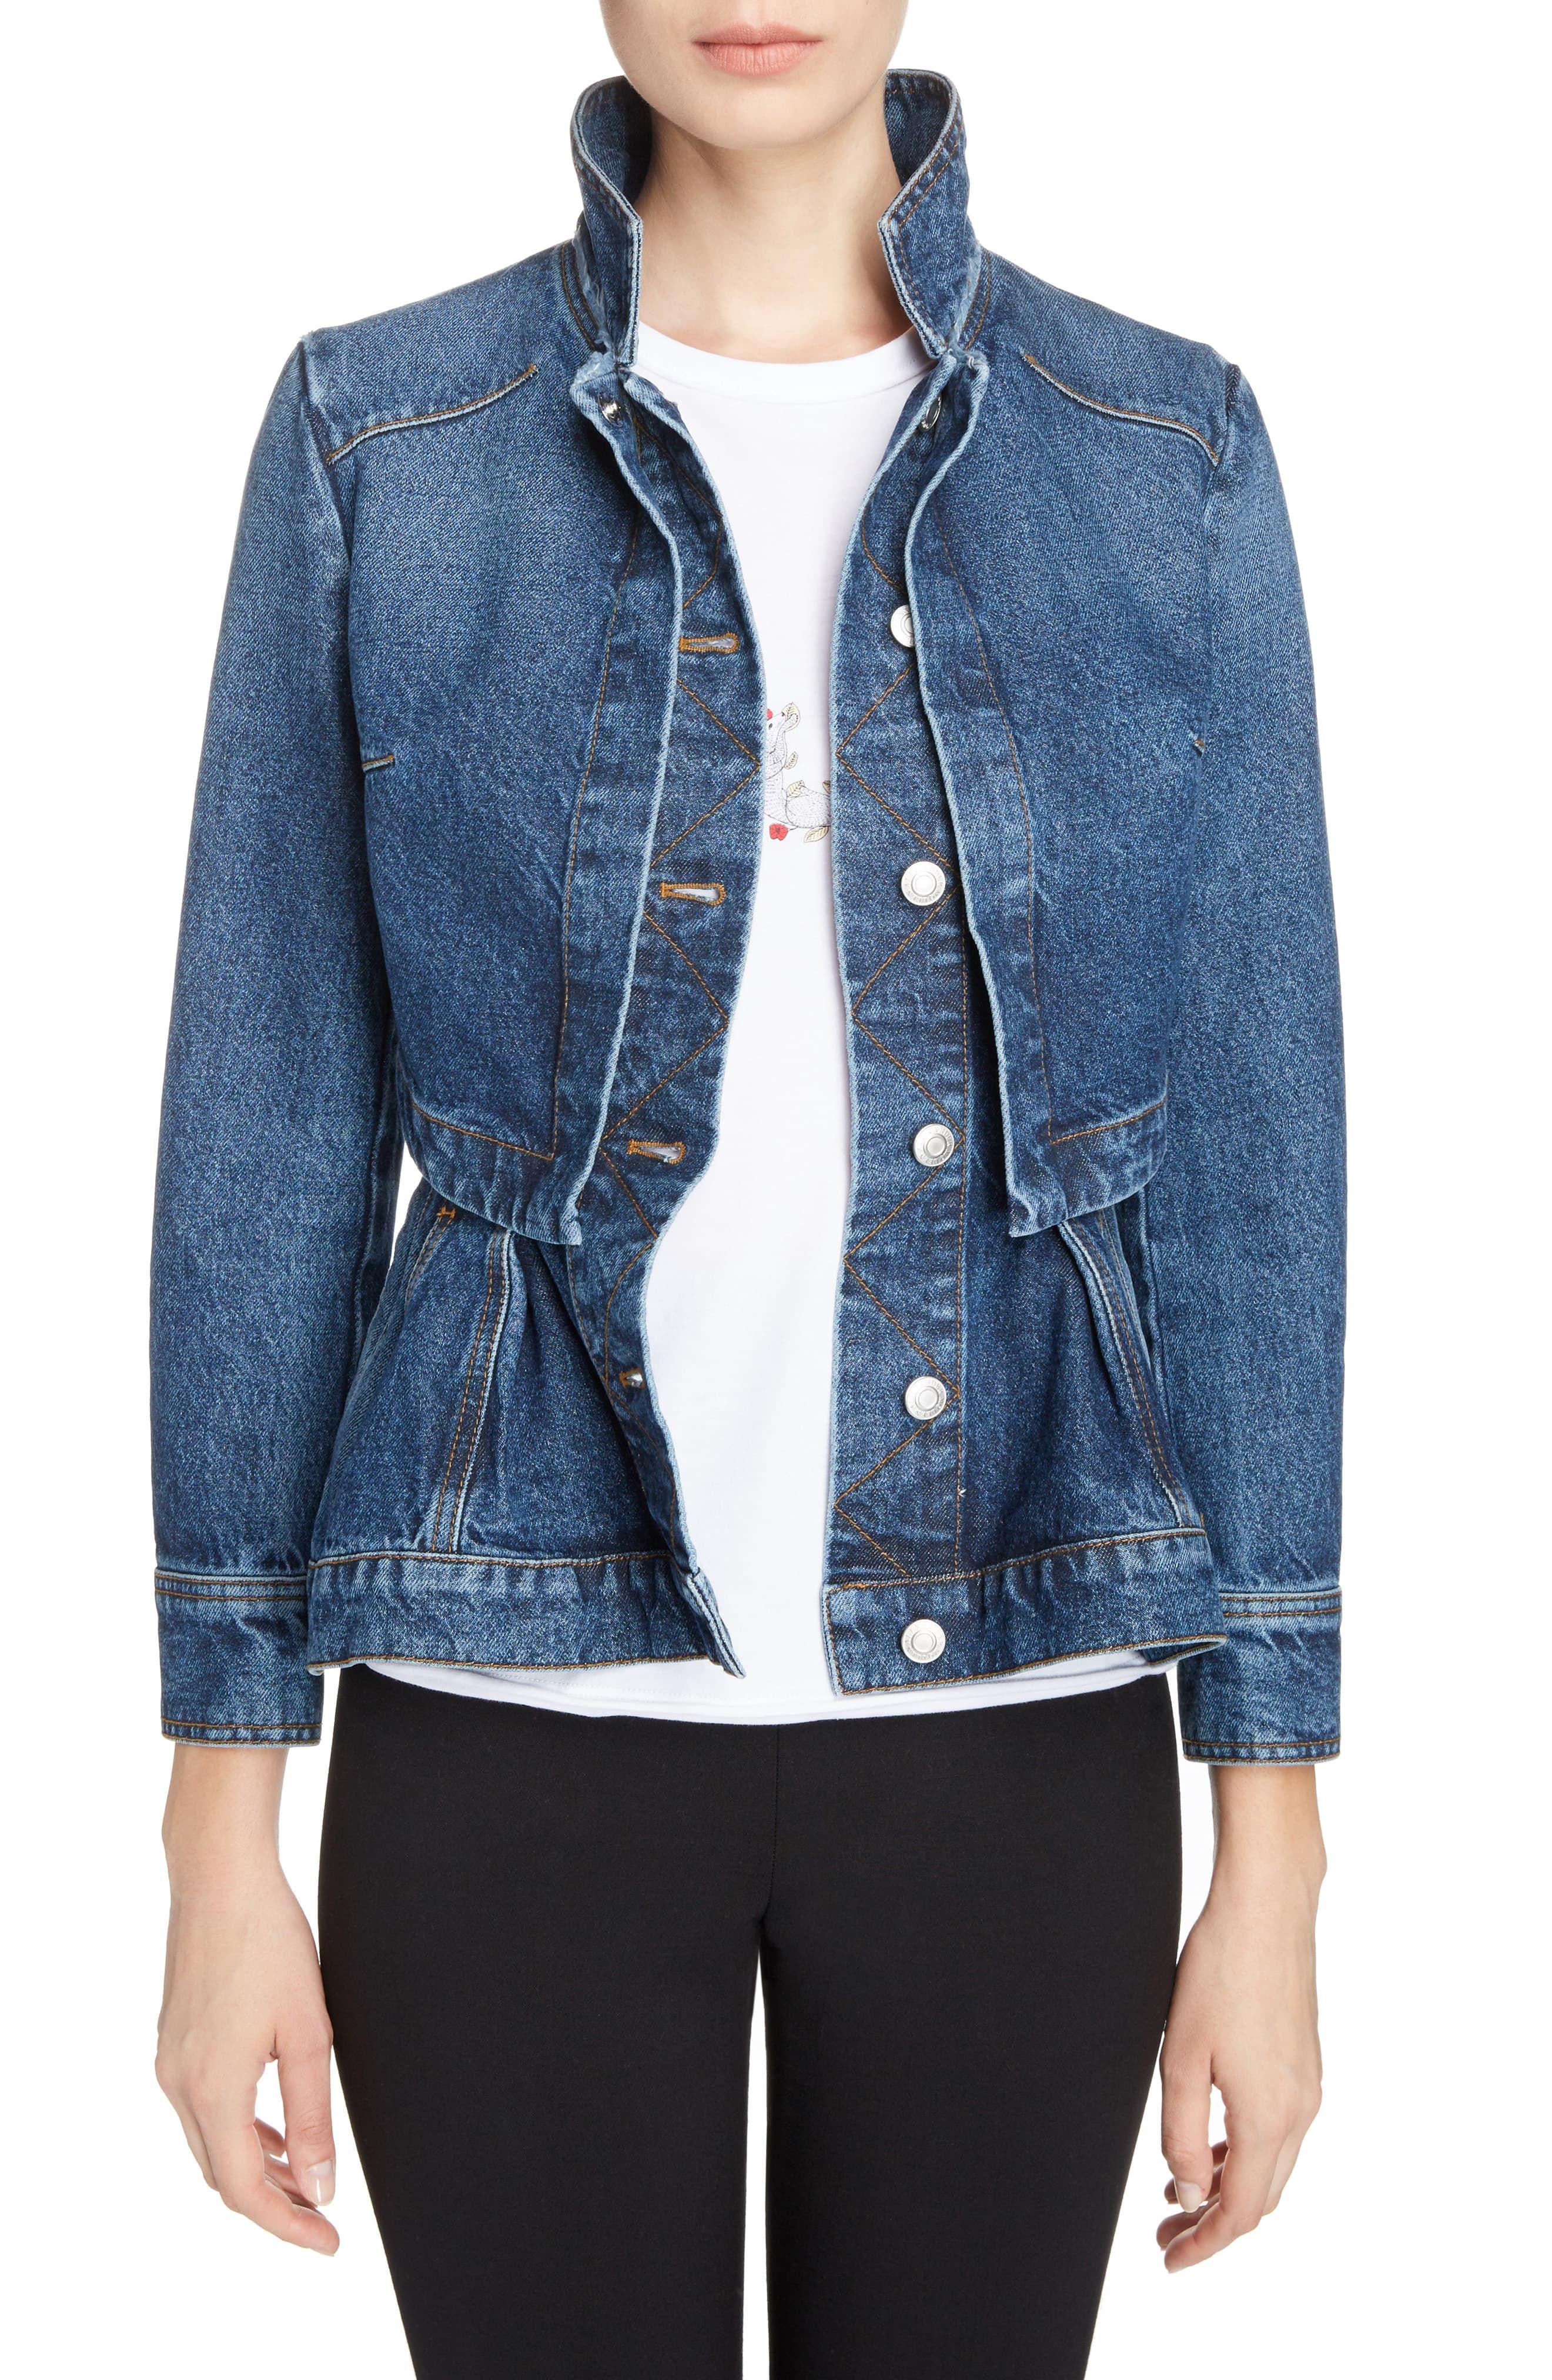 Alexander Mcqueen Peplum Denim Jacket Nordstrom Denim Jacket Denim Jacket Women Womens Fashion Jackets [ 4048 x 2640 Pixel ]